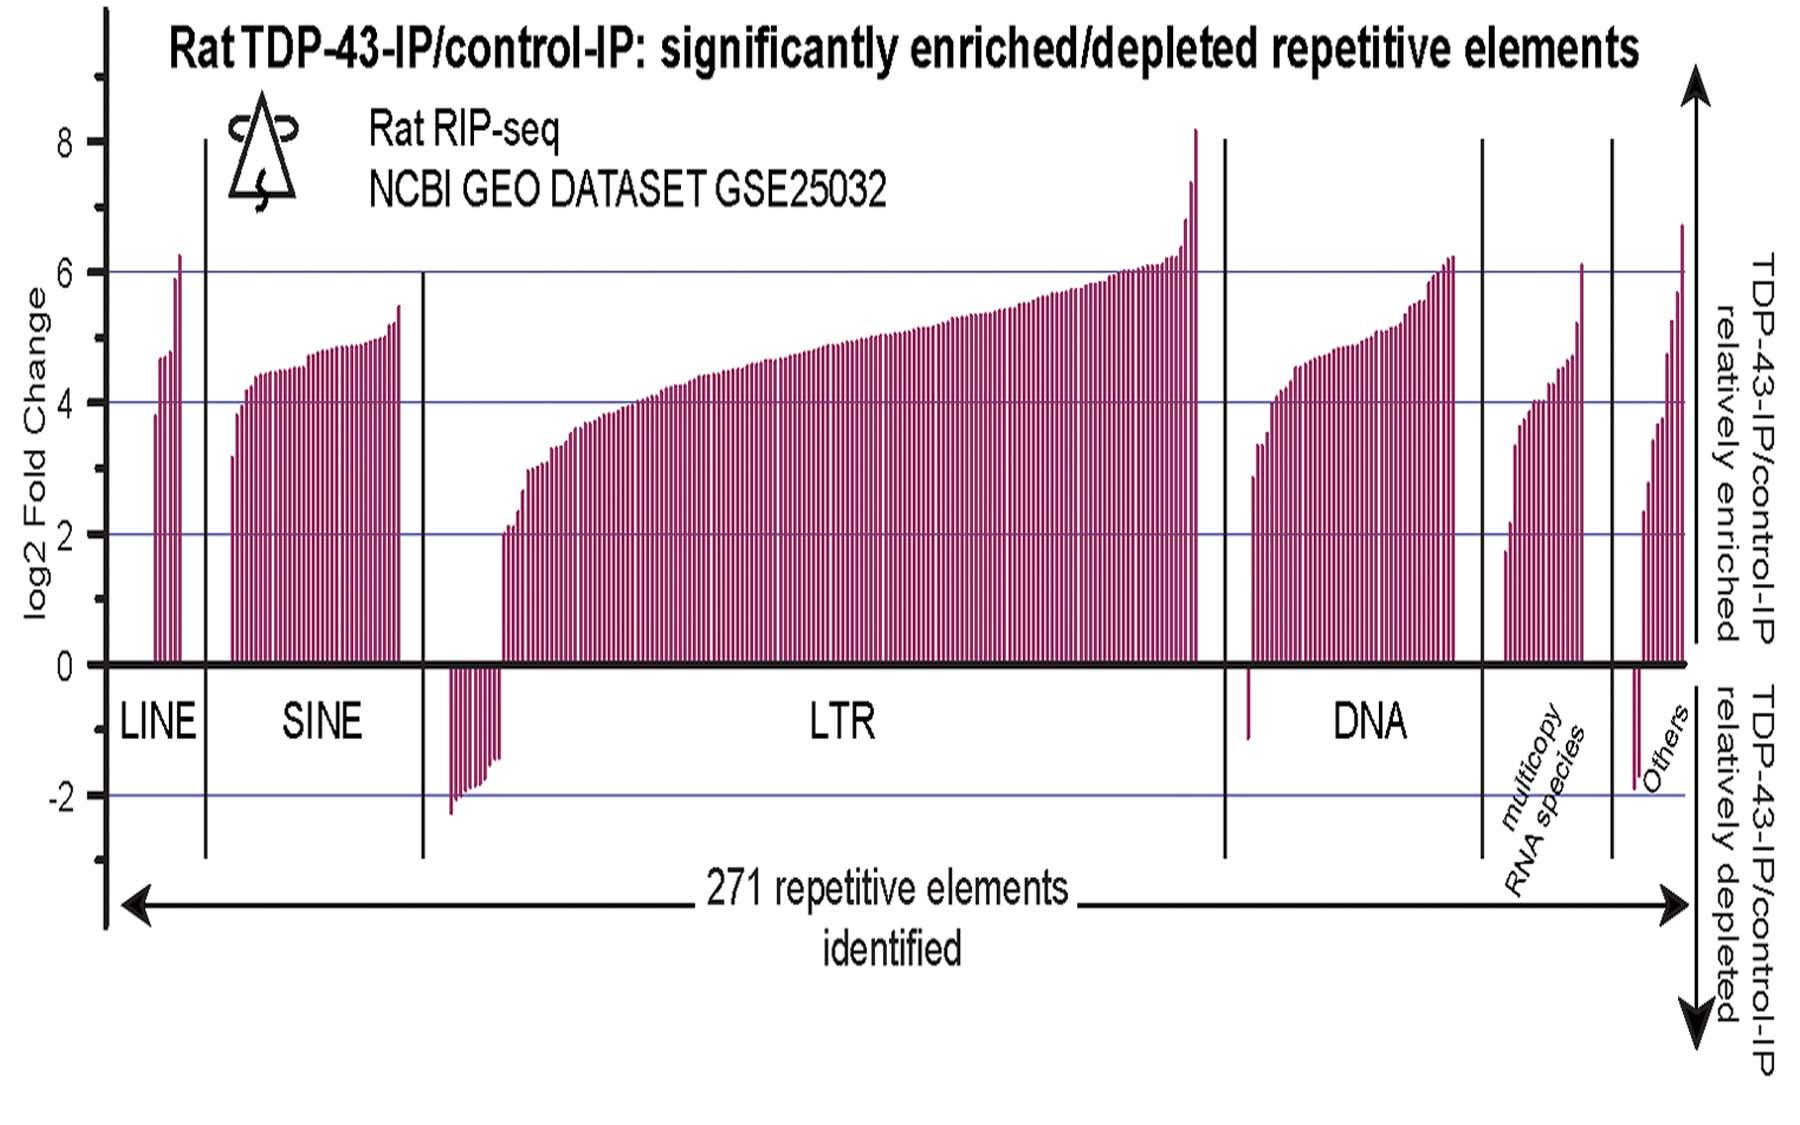 TDP-43 IP bind